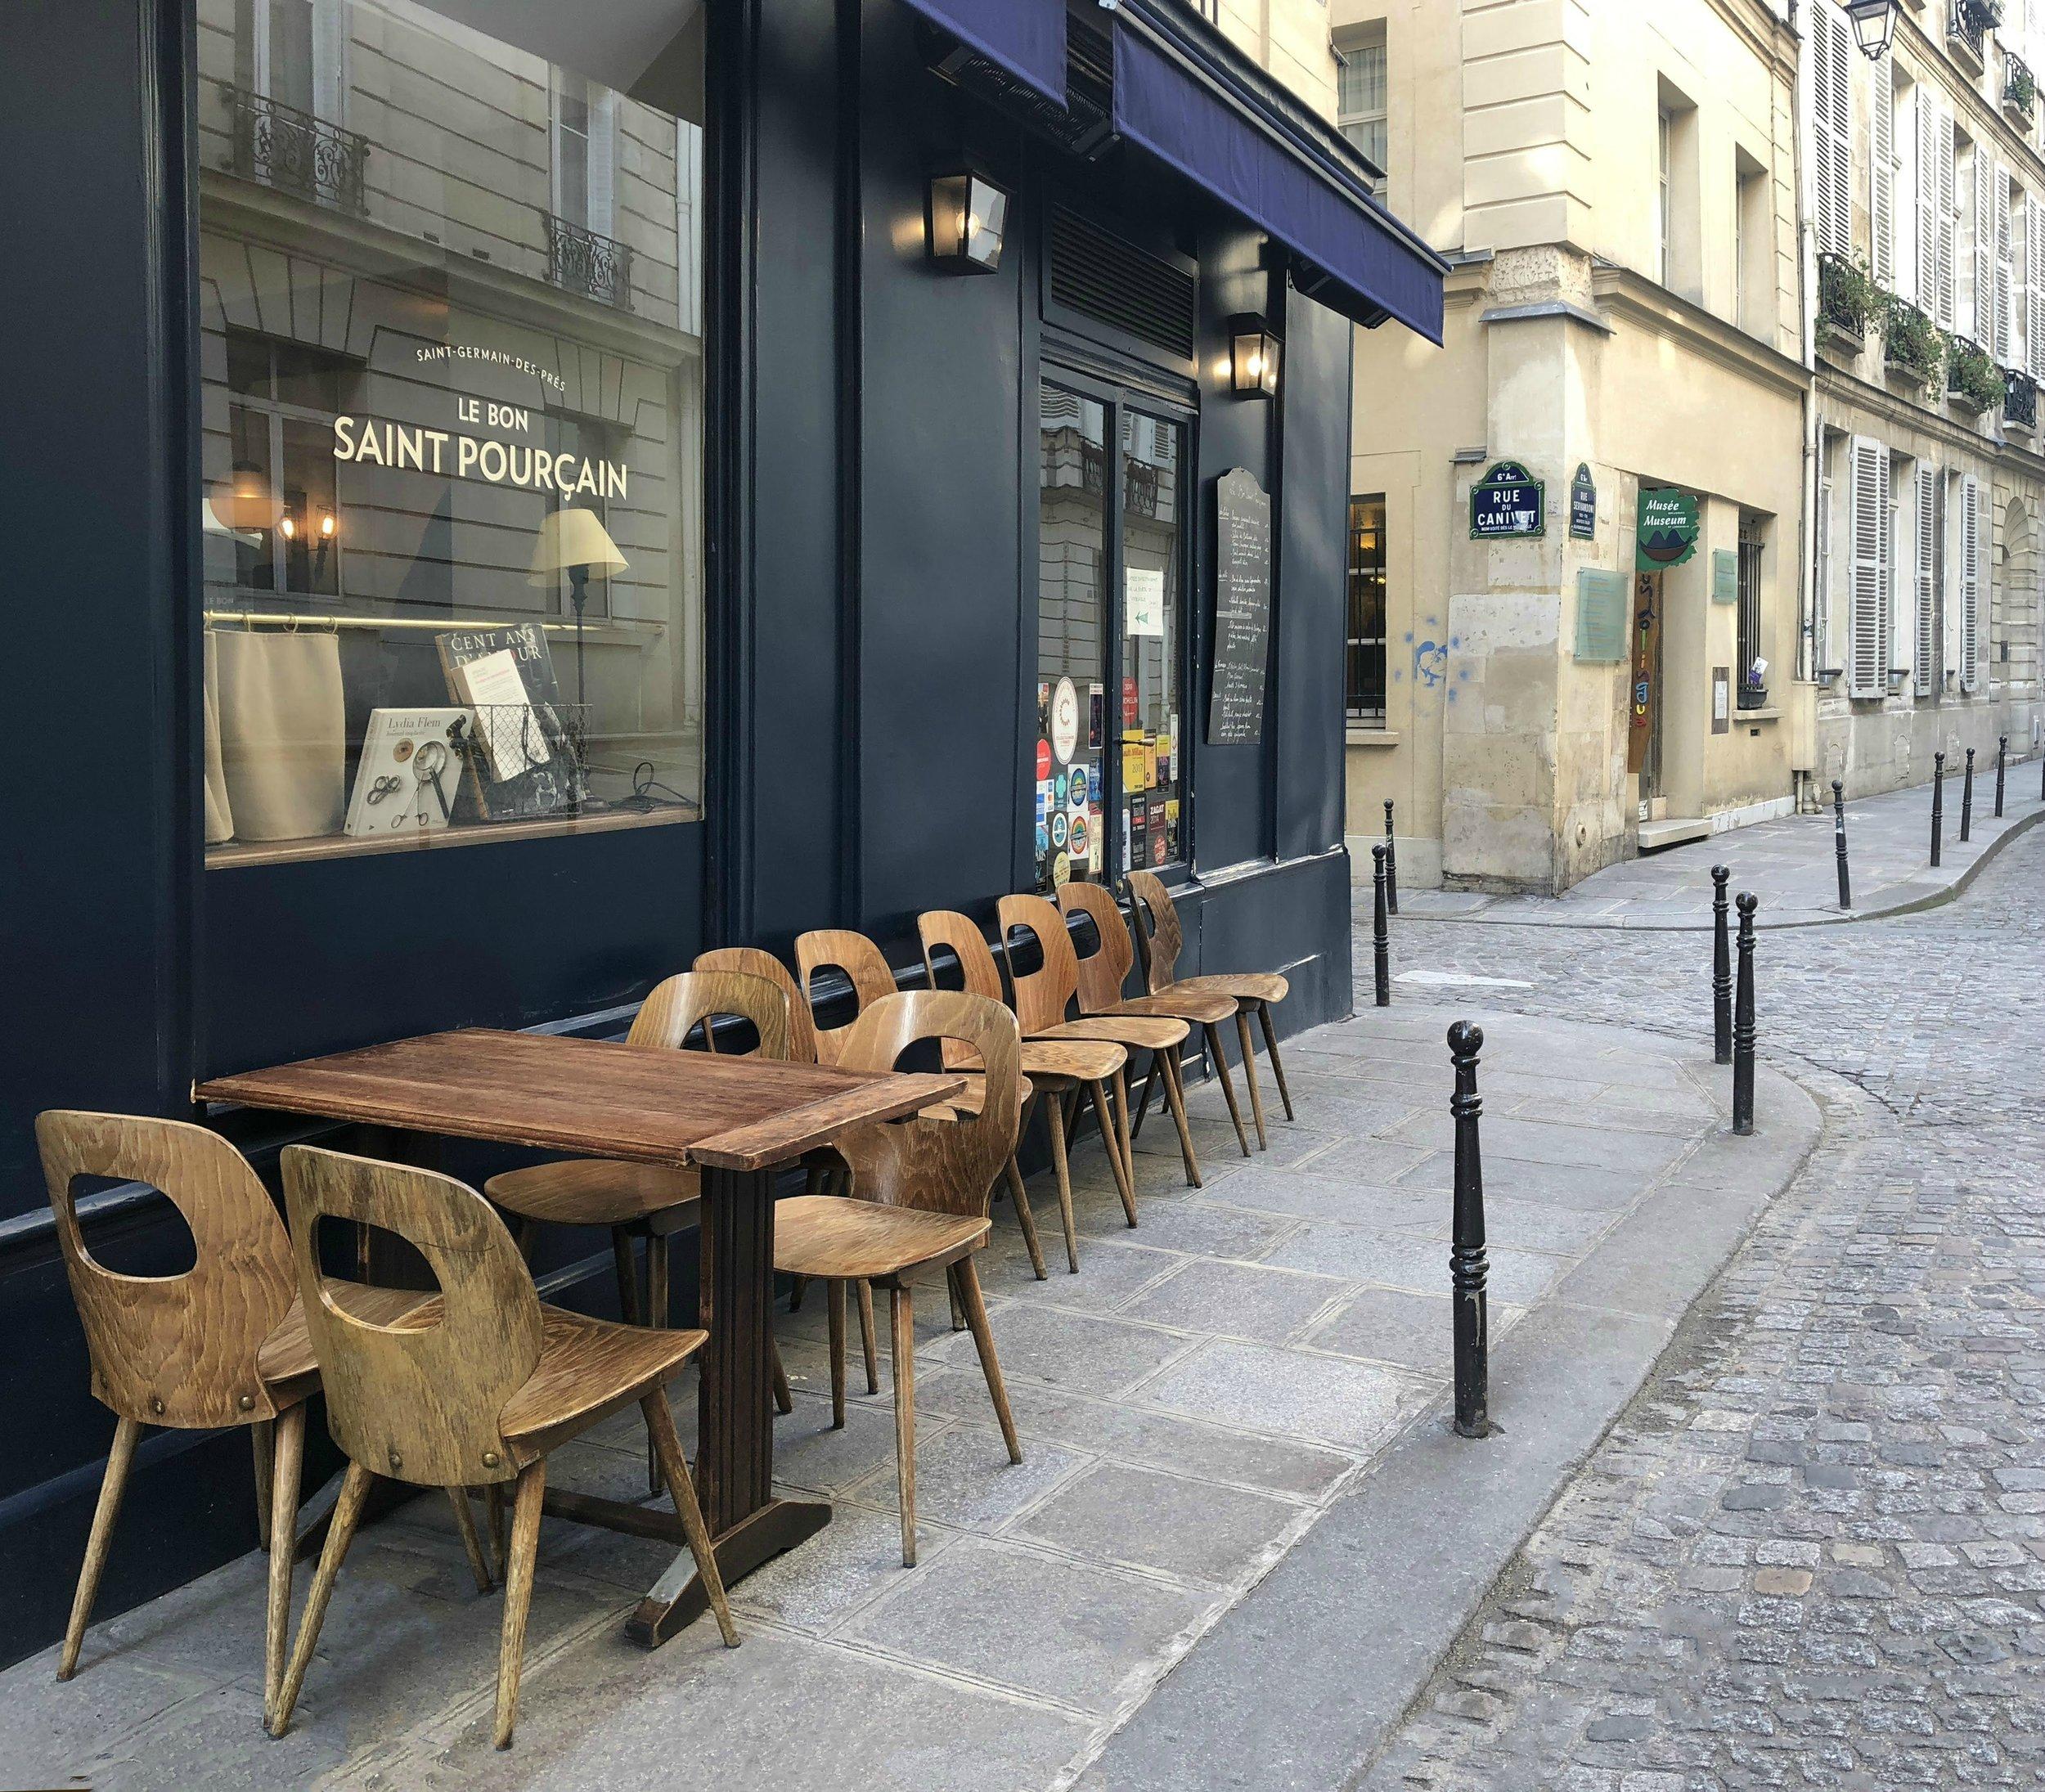 Le Bon Saint Pourçain, 10 rue Servadoni, 6th Arrondissement, Paris, Tel. (33) 01-42-01-78-24. Metro: Saint Sulpice or Mabillon.